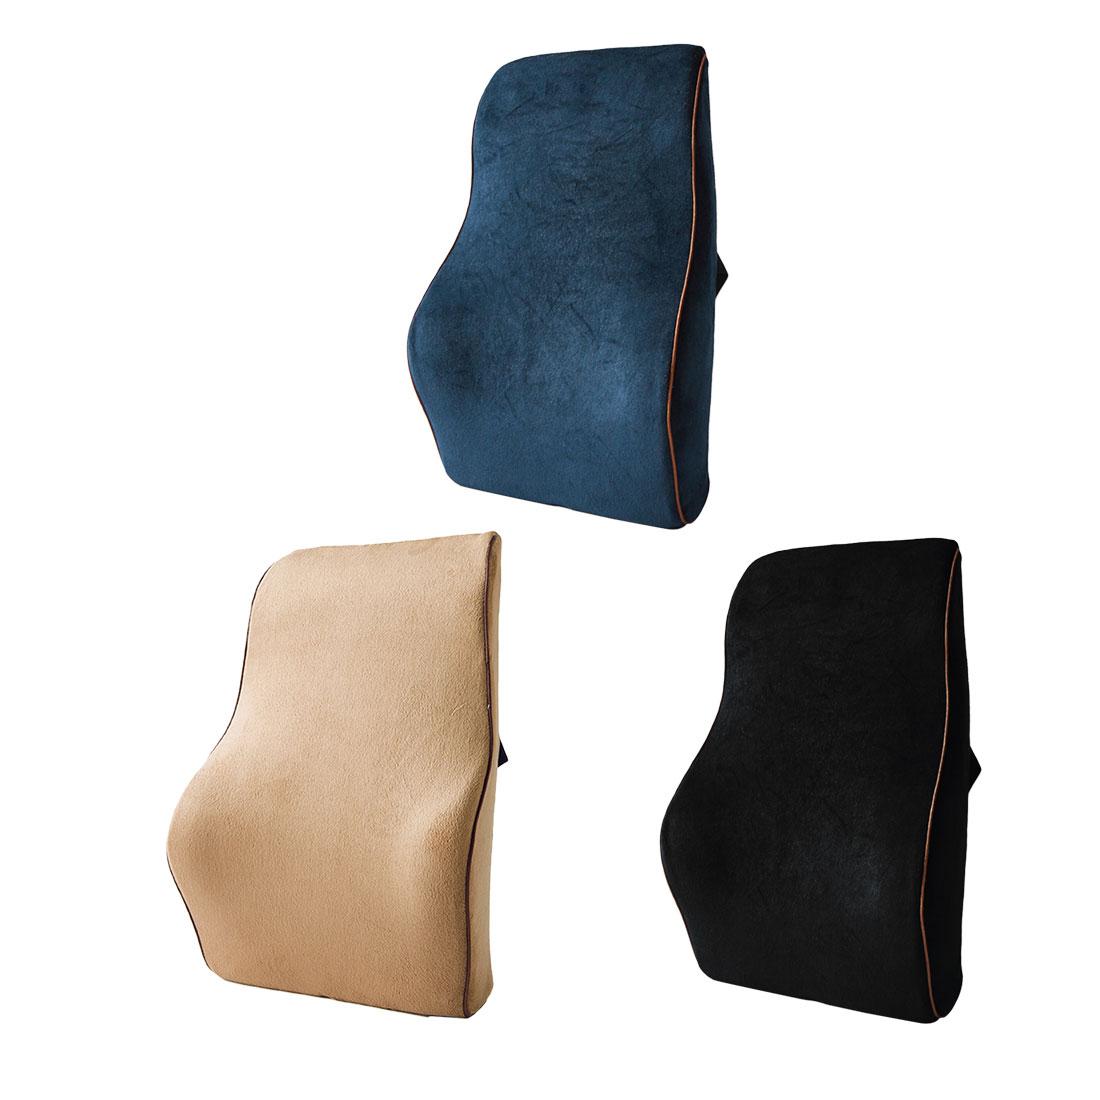 Хит продаж, автомобильная поясничная подушка для дома, Офисная Автомобильная подушка для сиденья, подушка для кресла